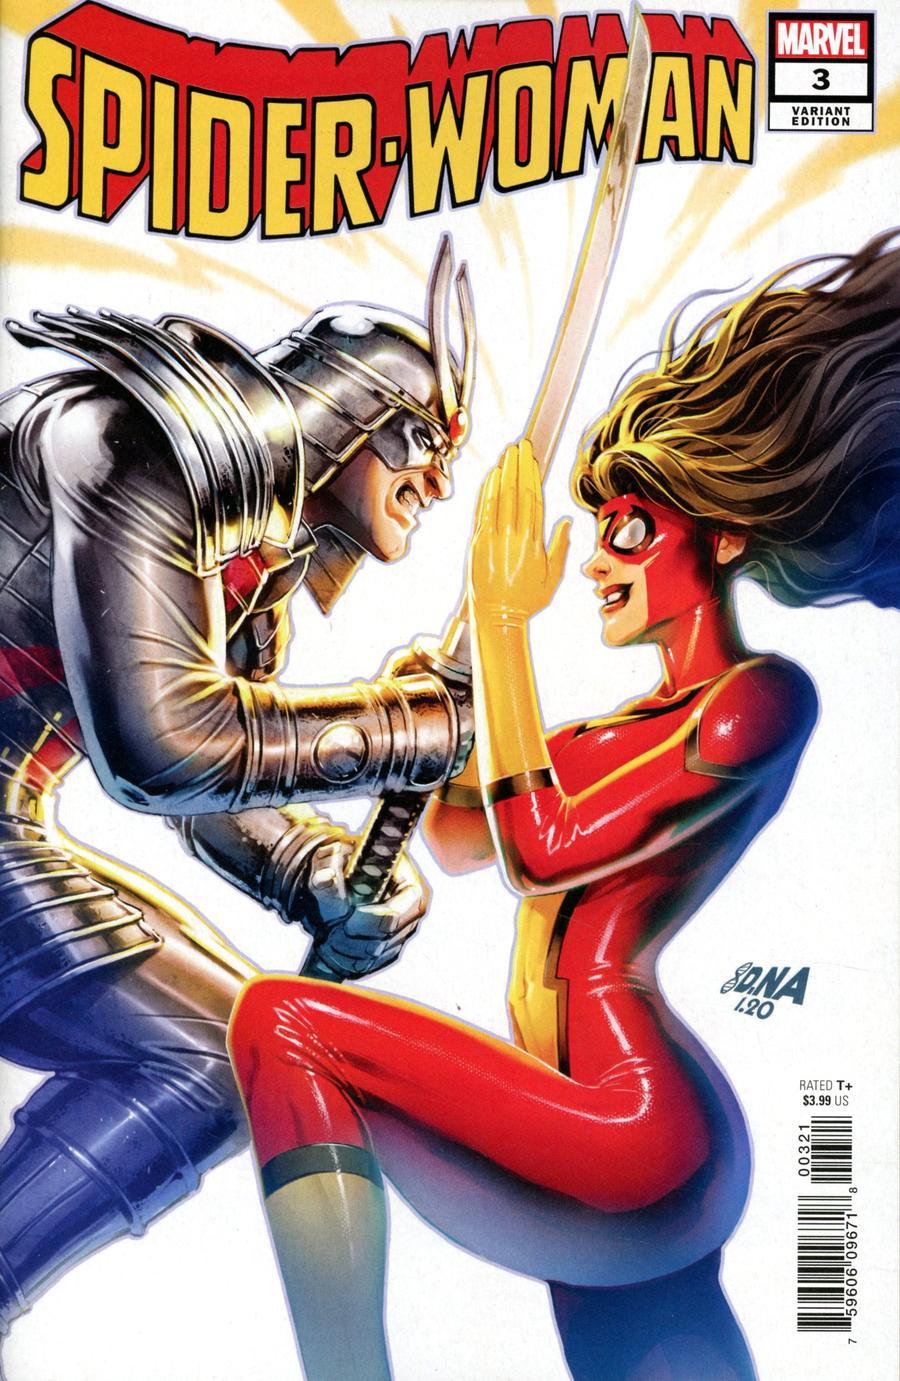 Spider-Woman Vol 7 #3 Cover B Variant David Nakayama Villain Cover